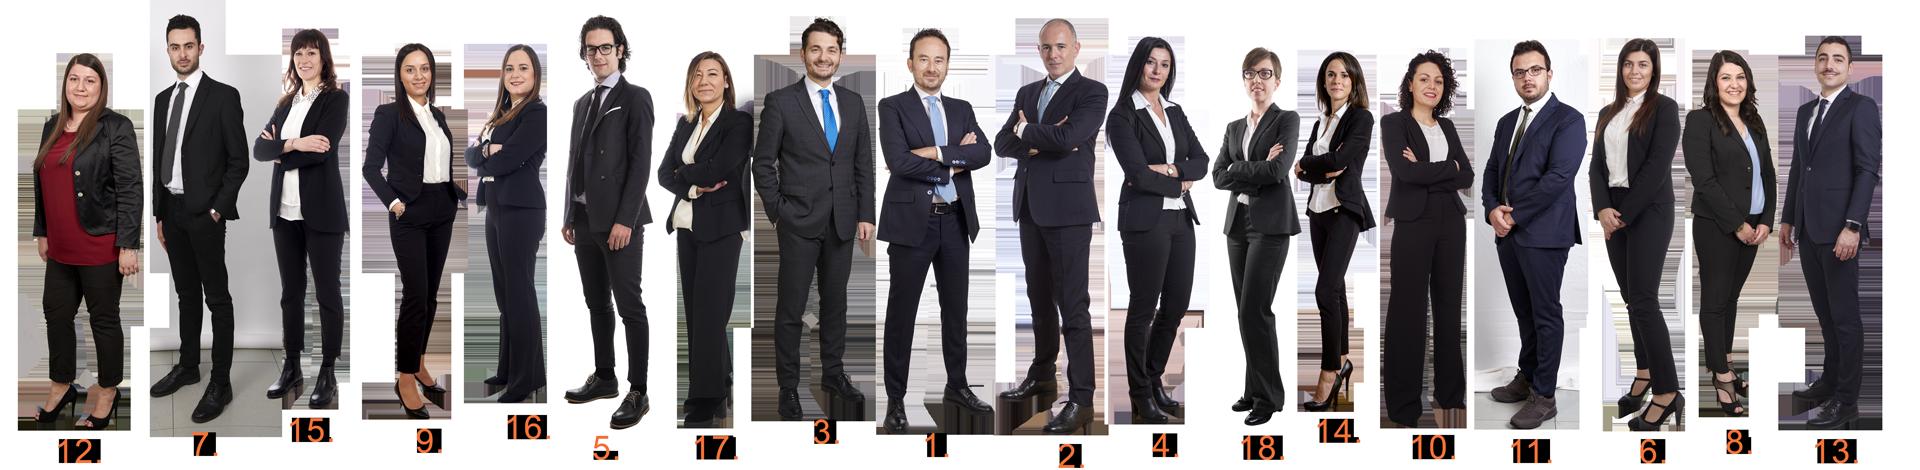 zeta-jobsandtax-team-01-21